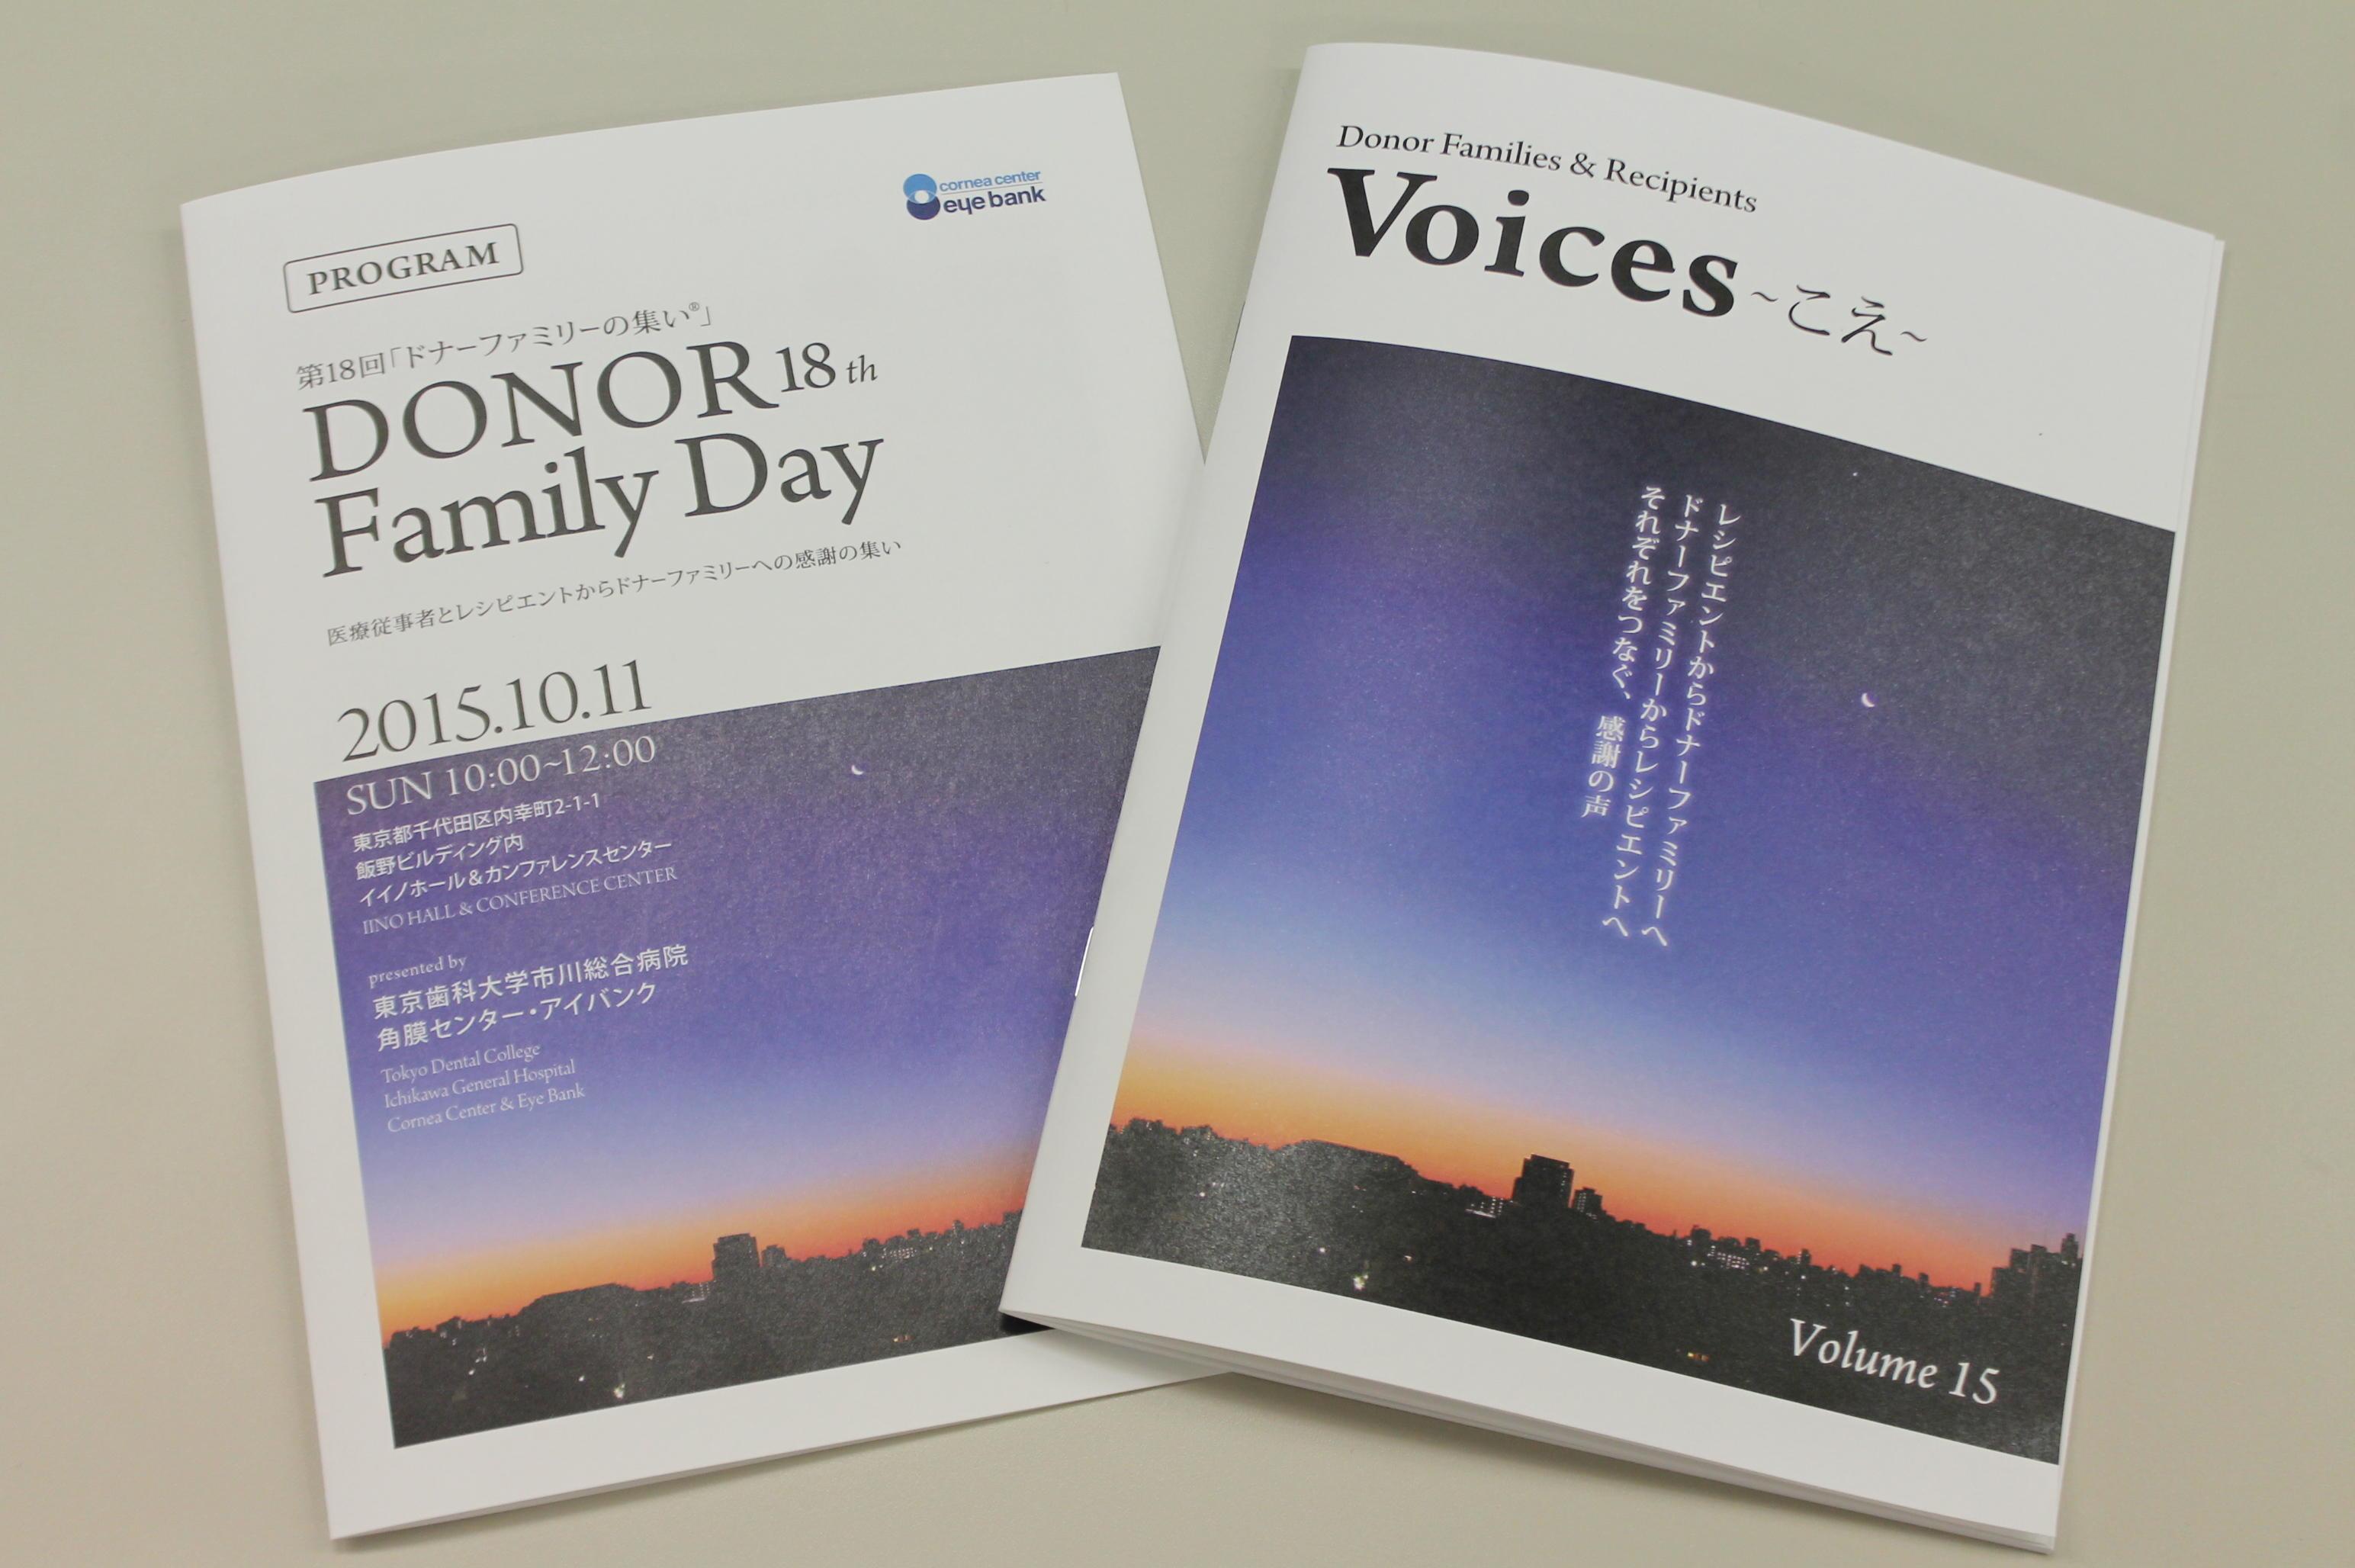 https://www.seed.co.jp/blog/eyemate/IMG_0363.JPG